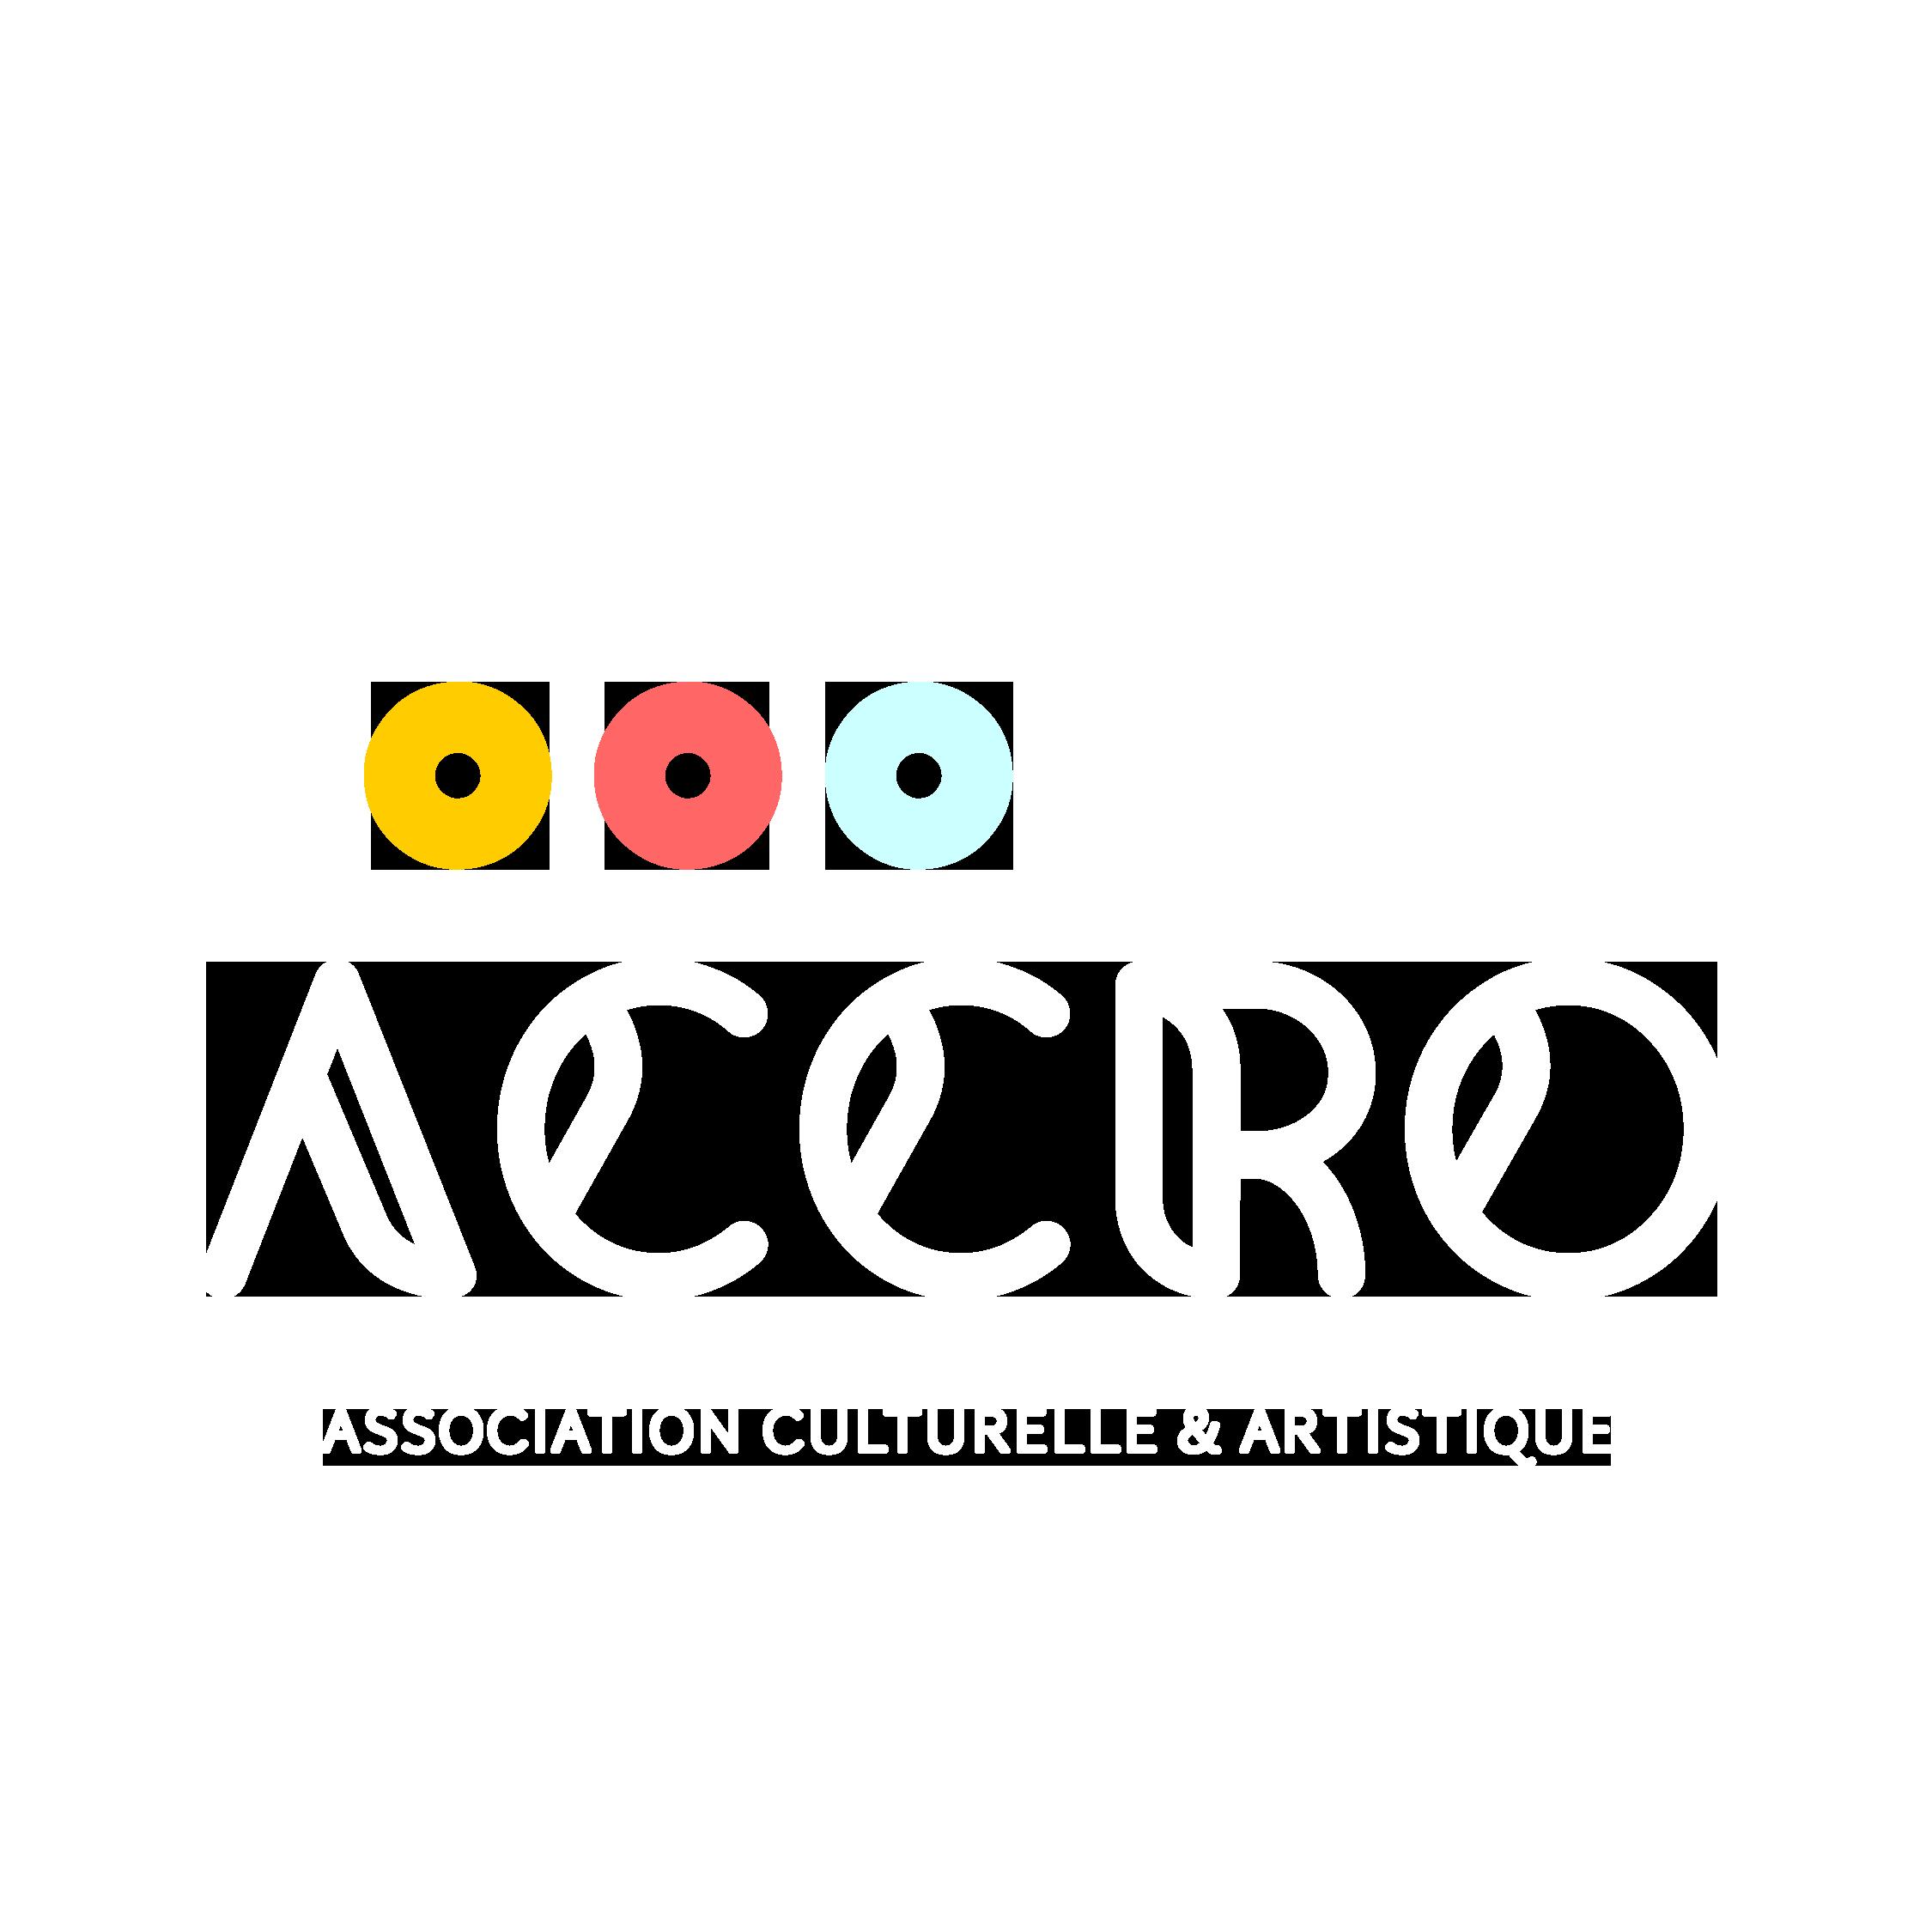 A.C.C.R.O